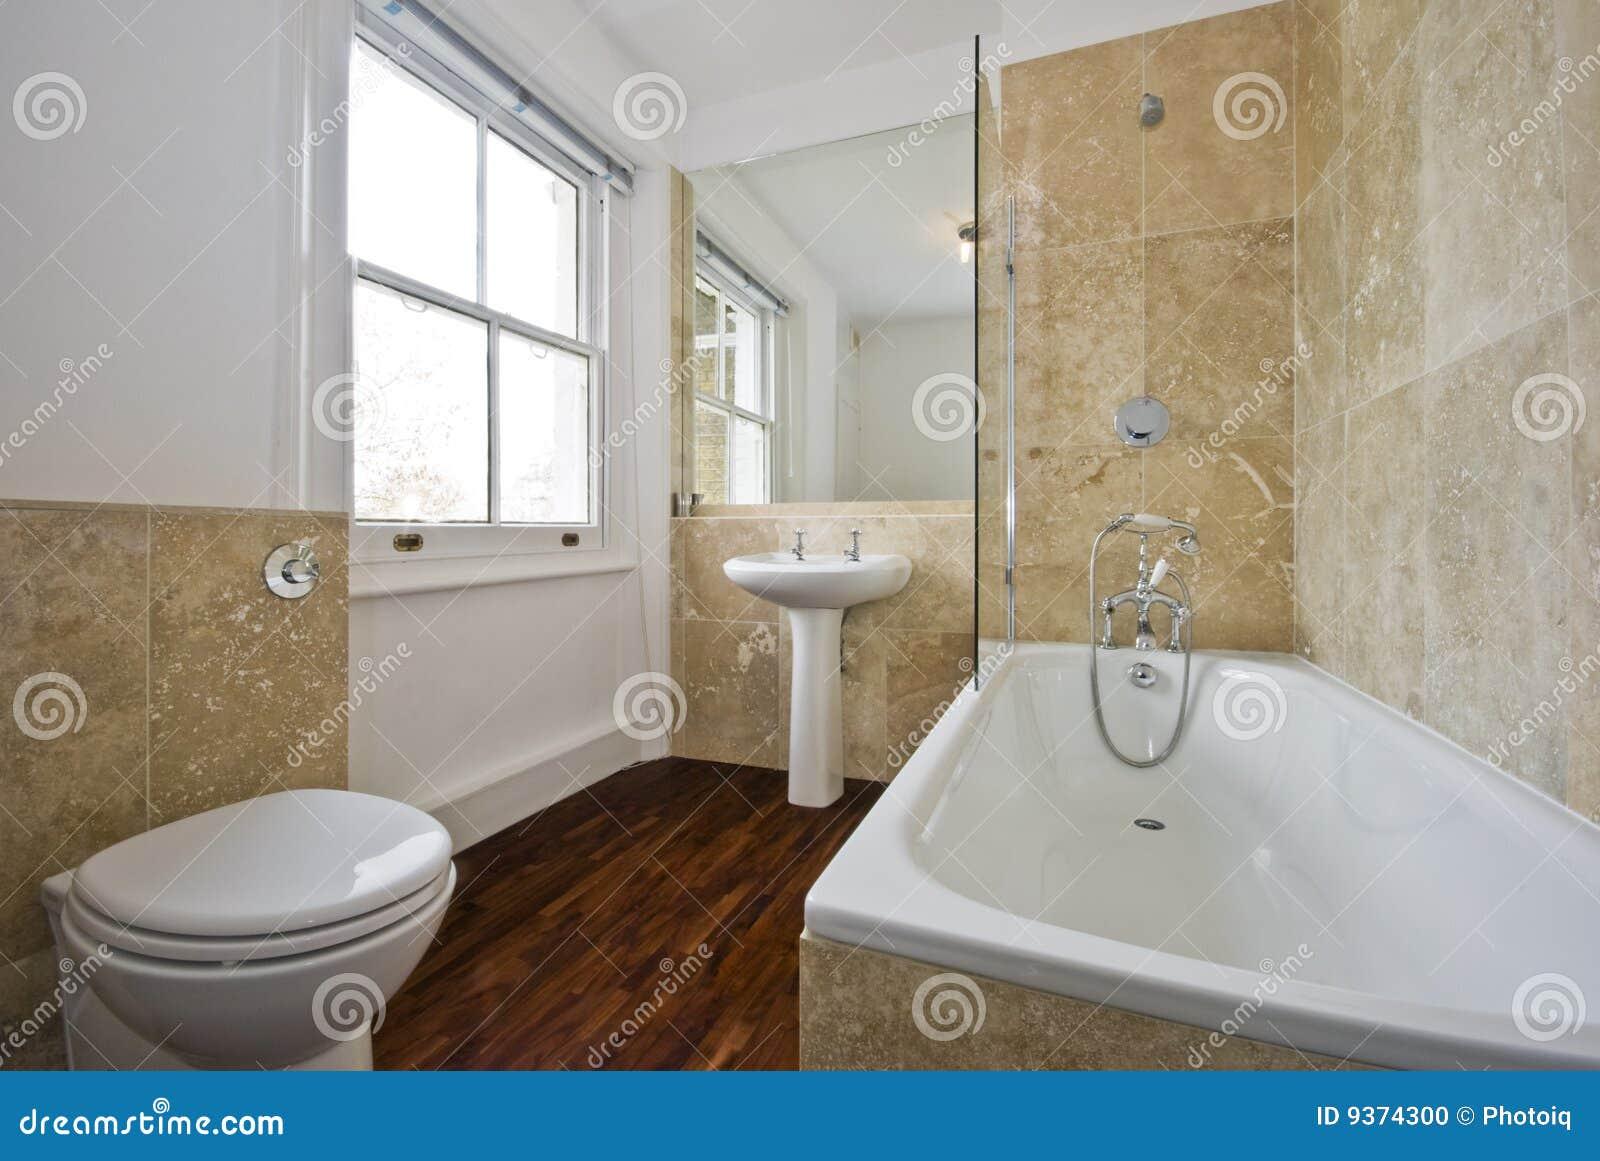 Stanza da bagno con marmo fotografia stock immagine di pavimentazione 9374300 - Stanza da bagno ...